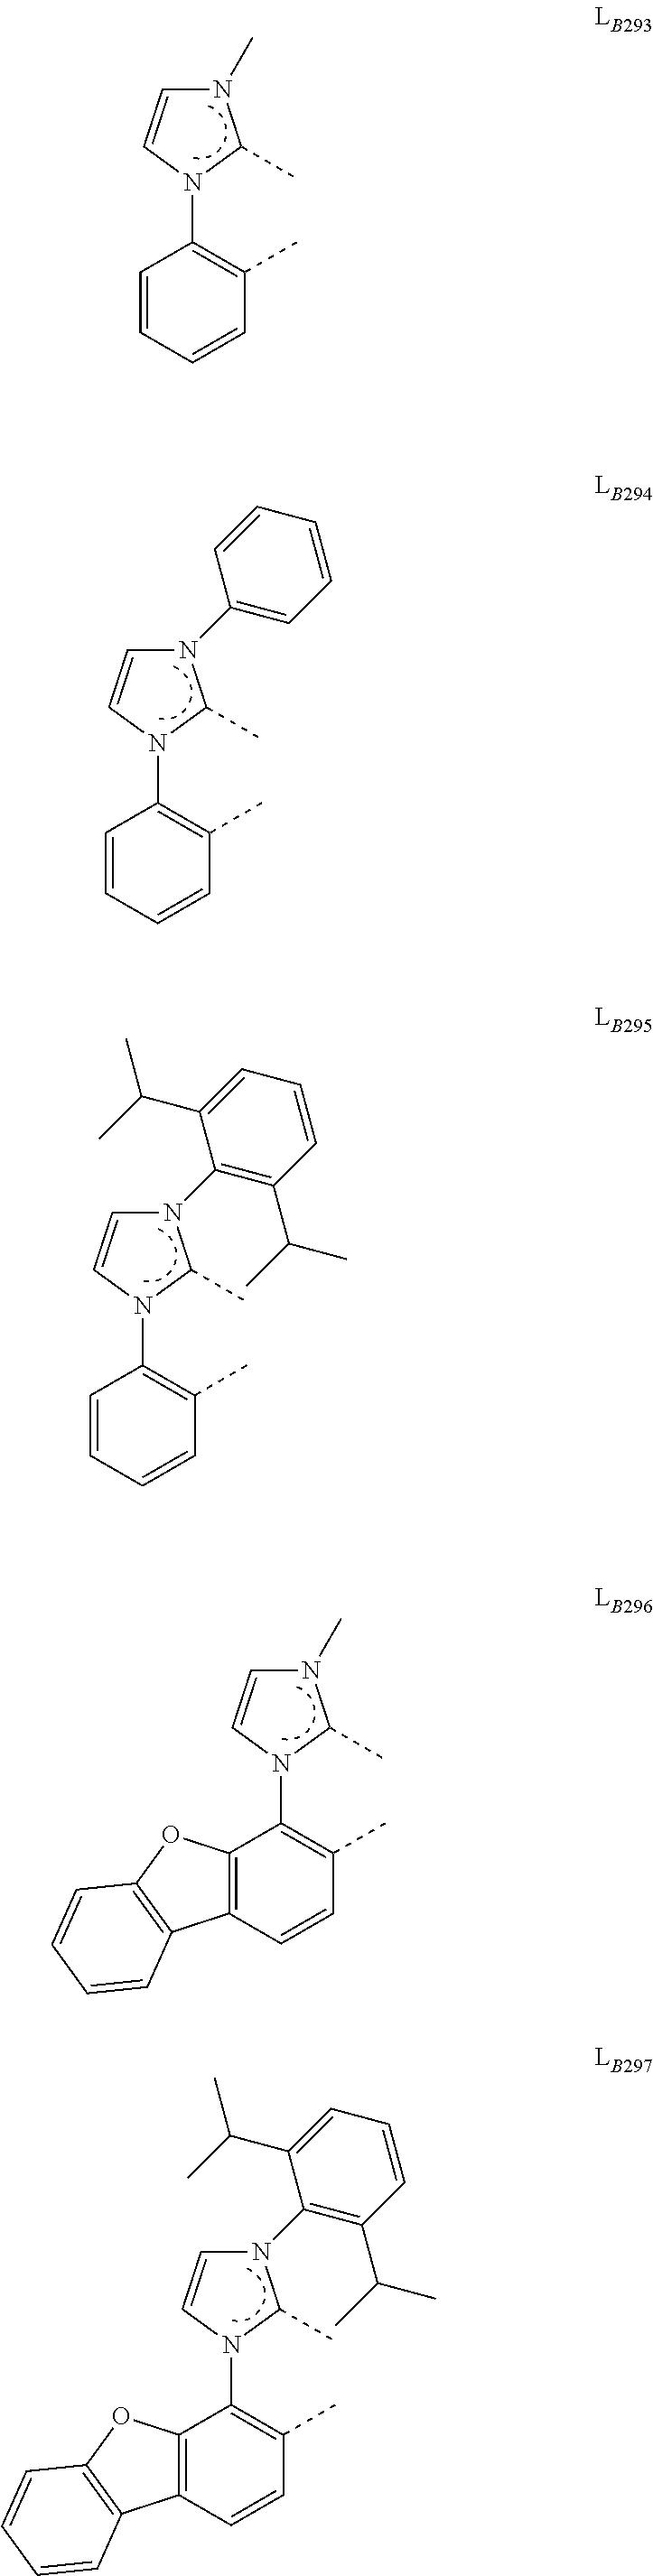 Figure US09929360-20180327-C00103